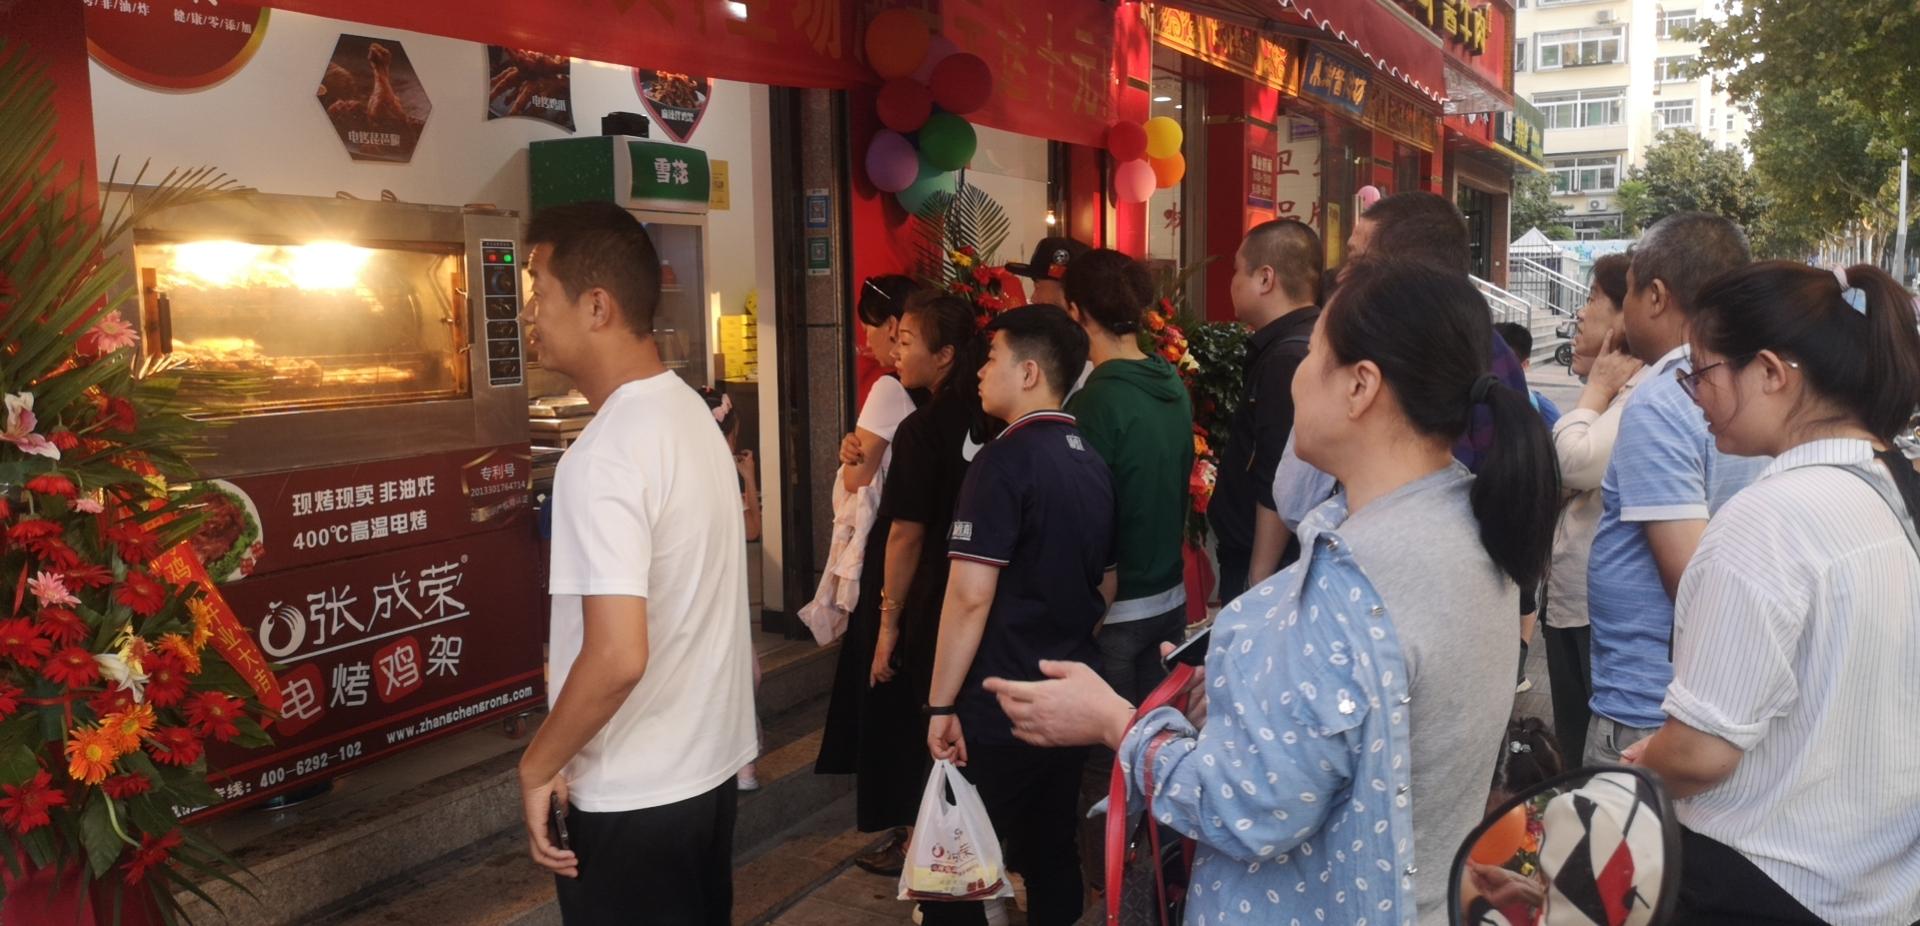 一家10平米鸡架加盟店,如何做到日盈利两千?